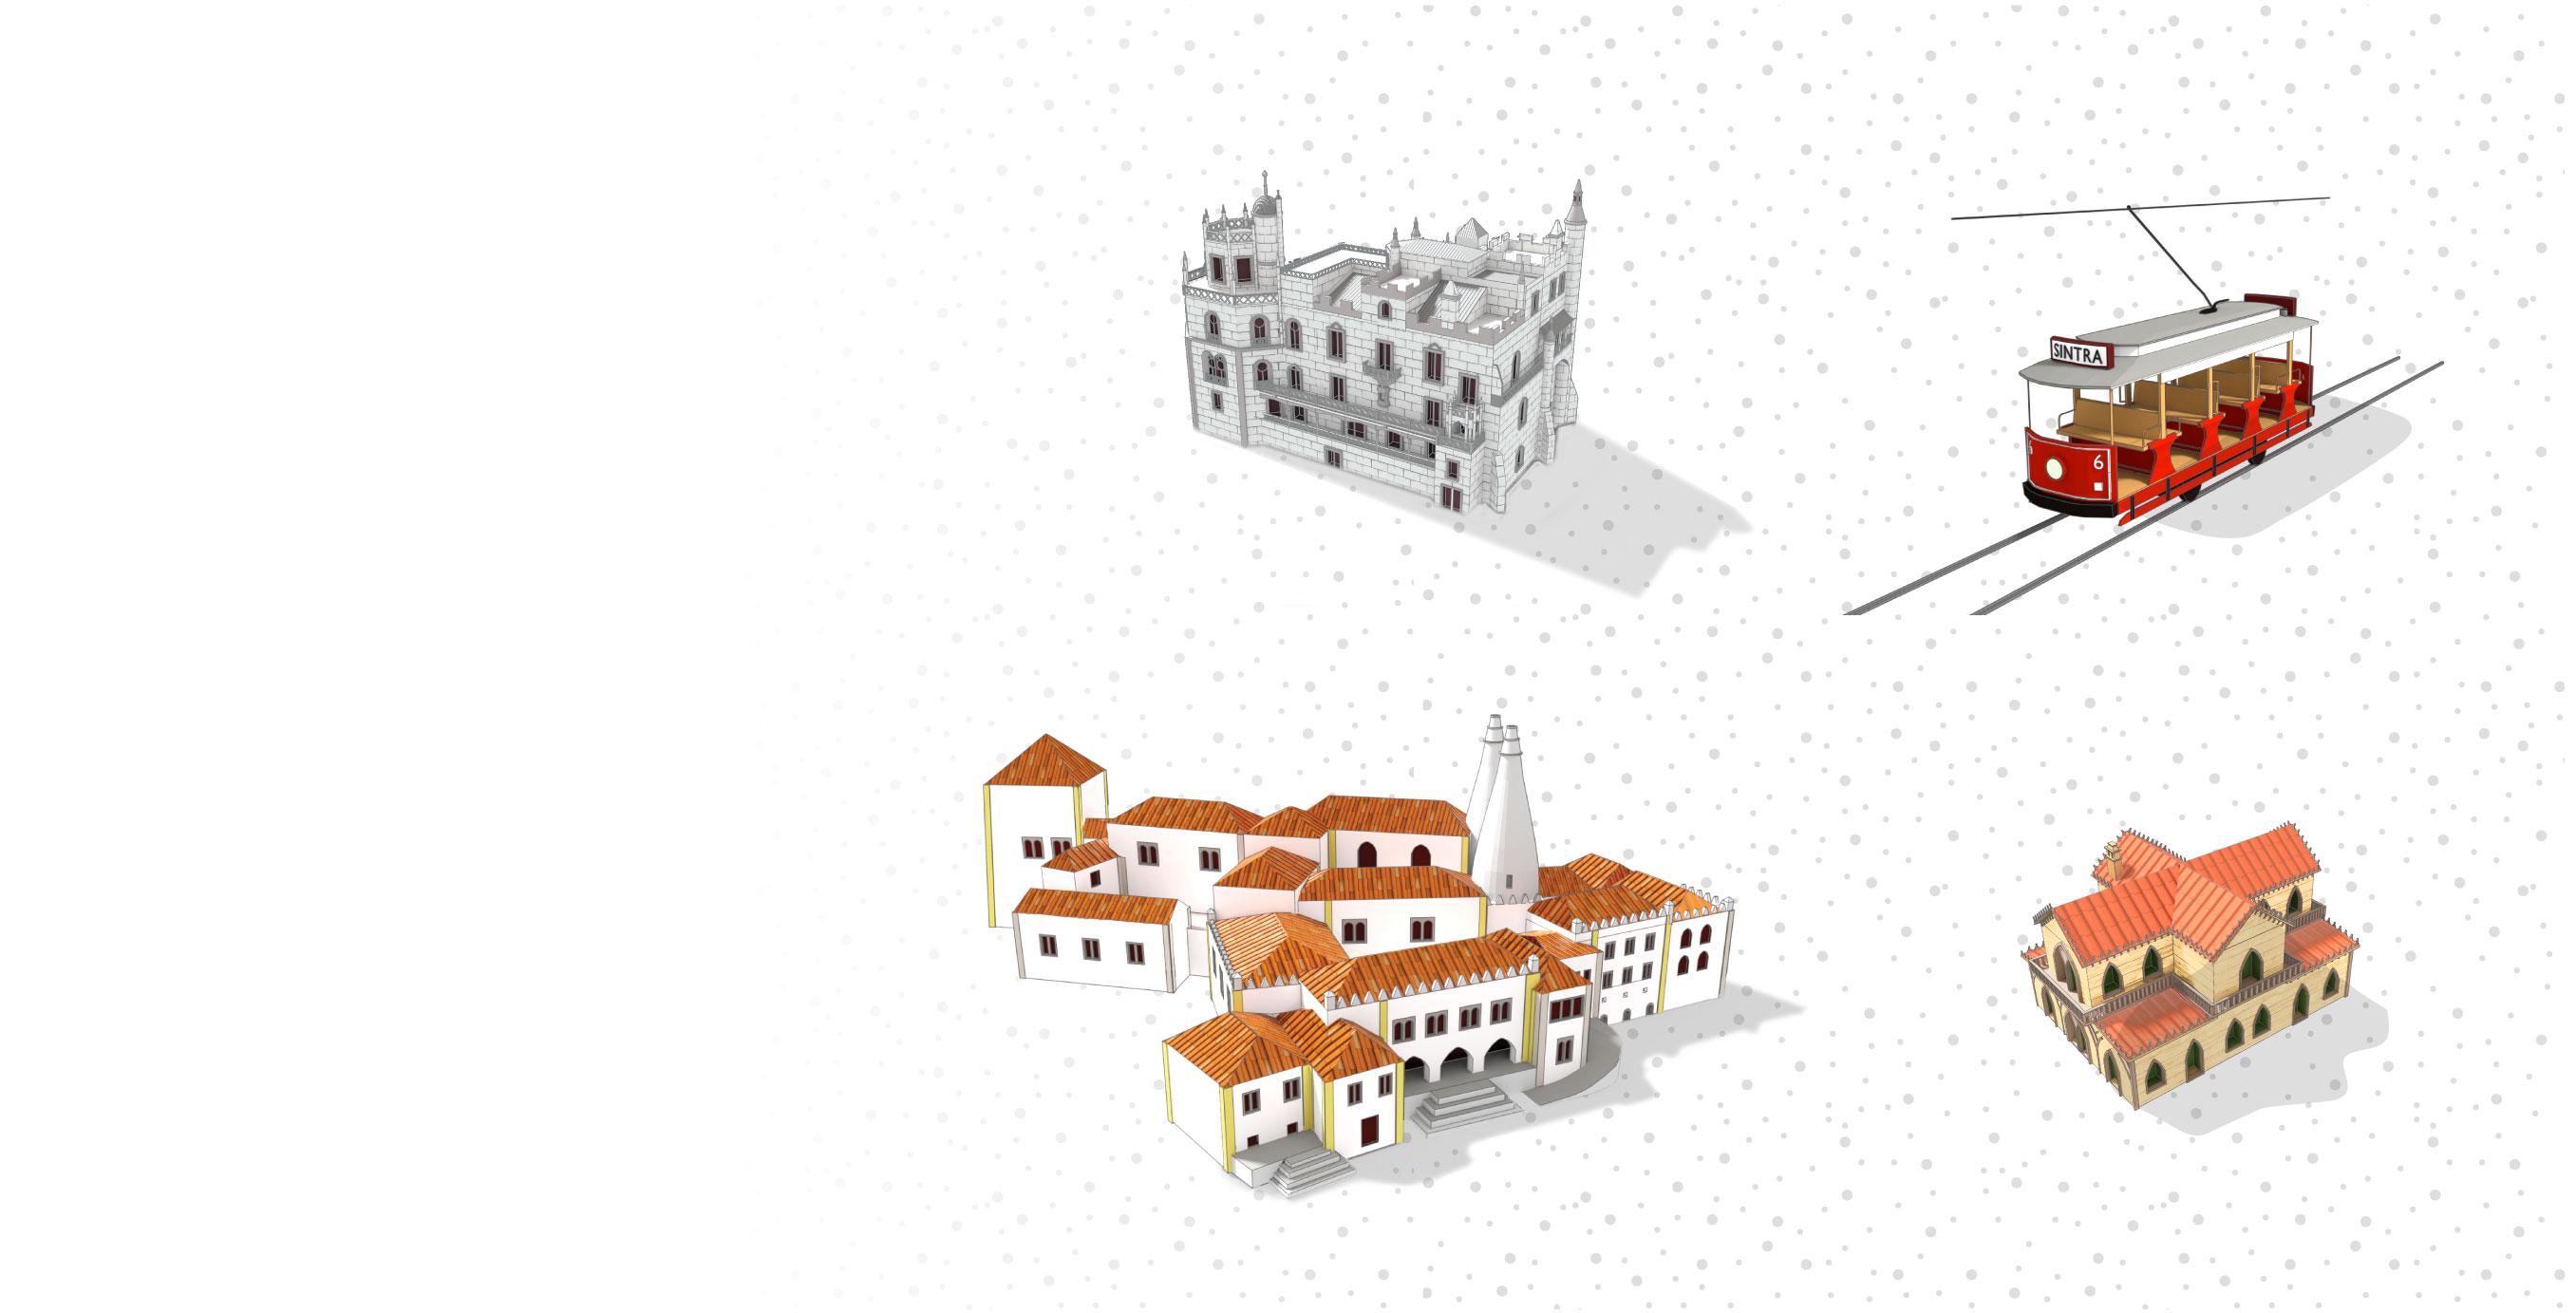 infografia 3D <br> no mesmo rigor <br> cartográfico